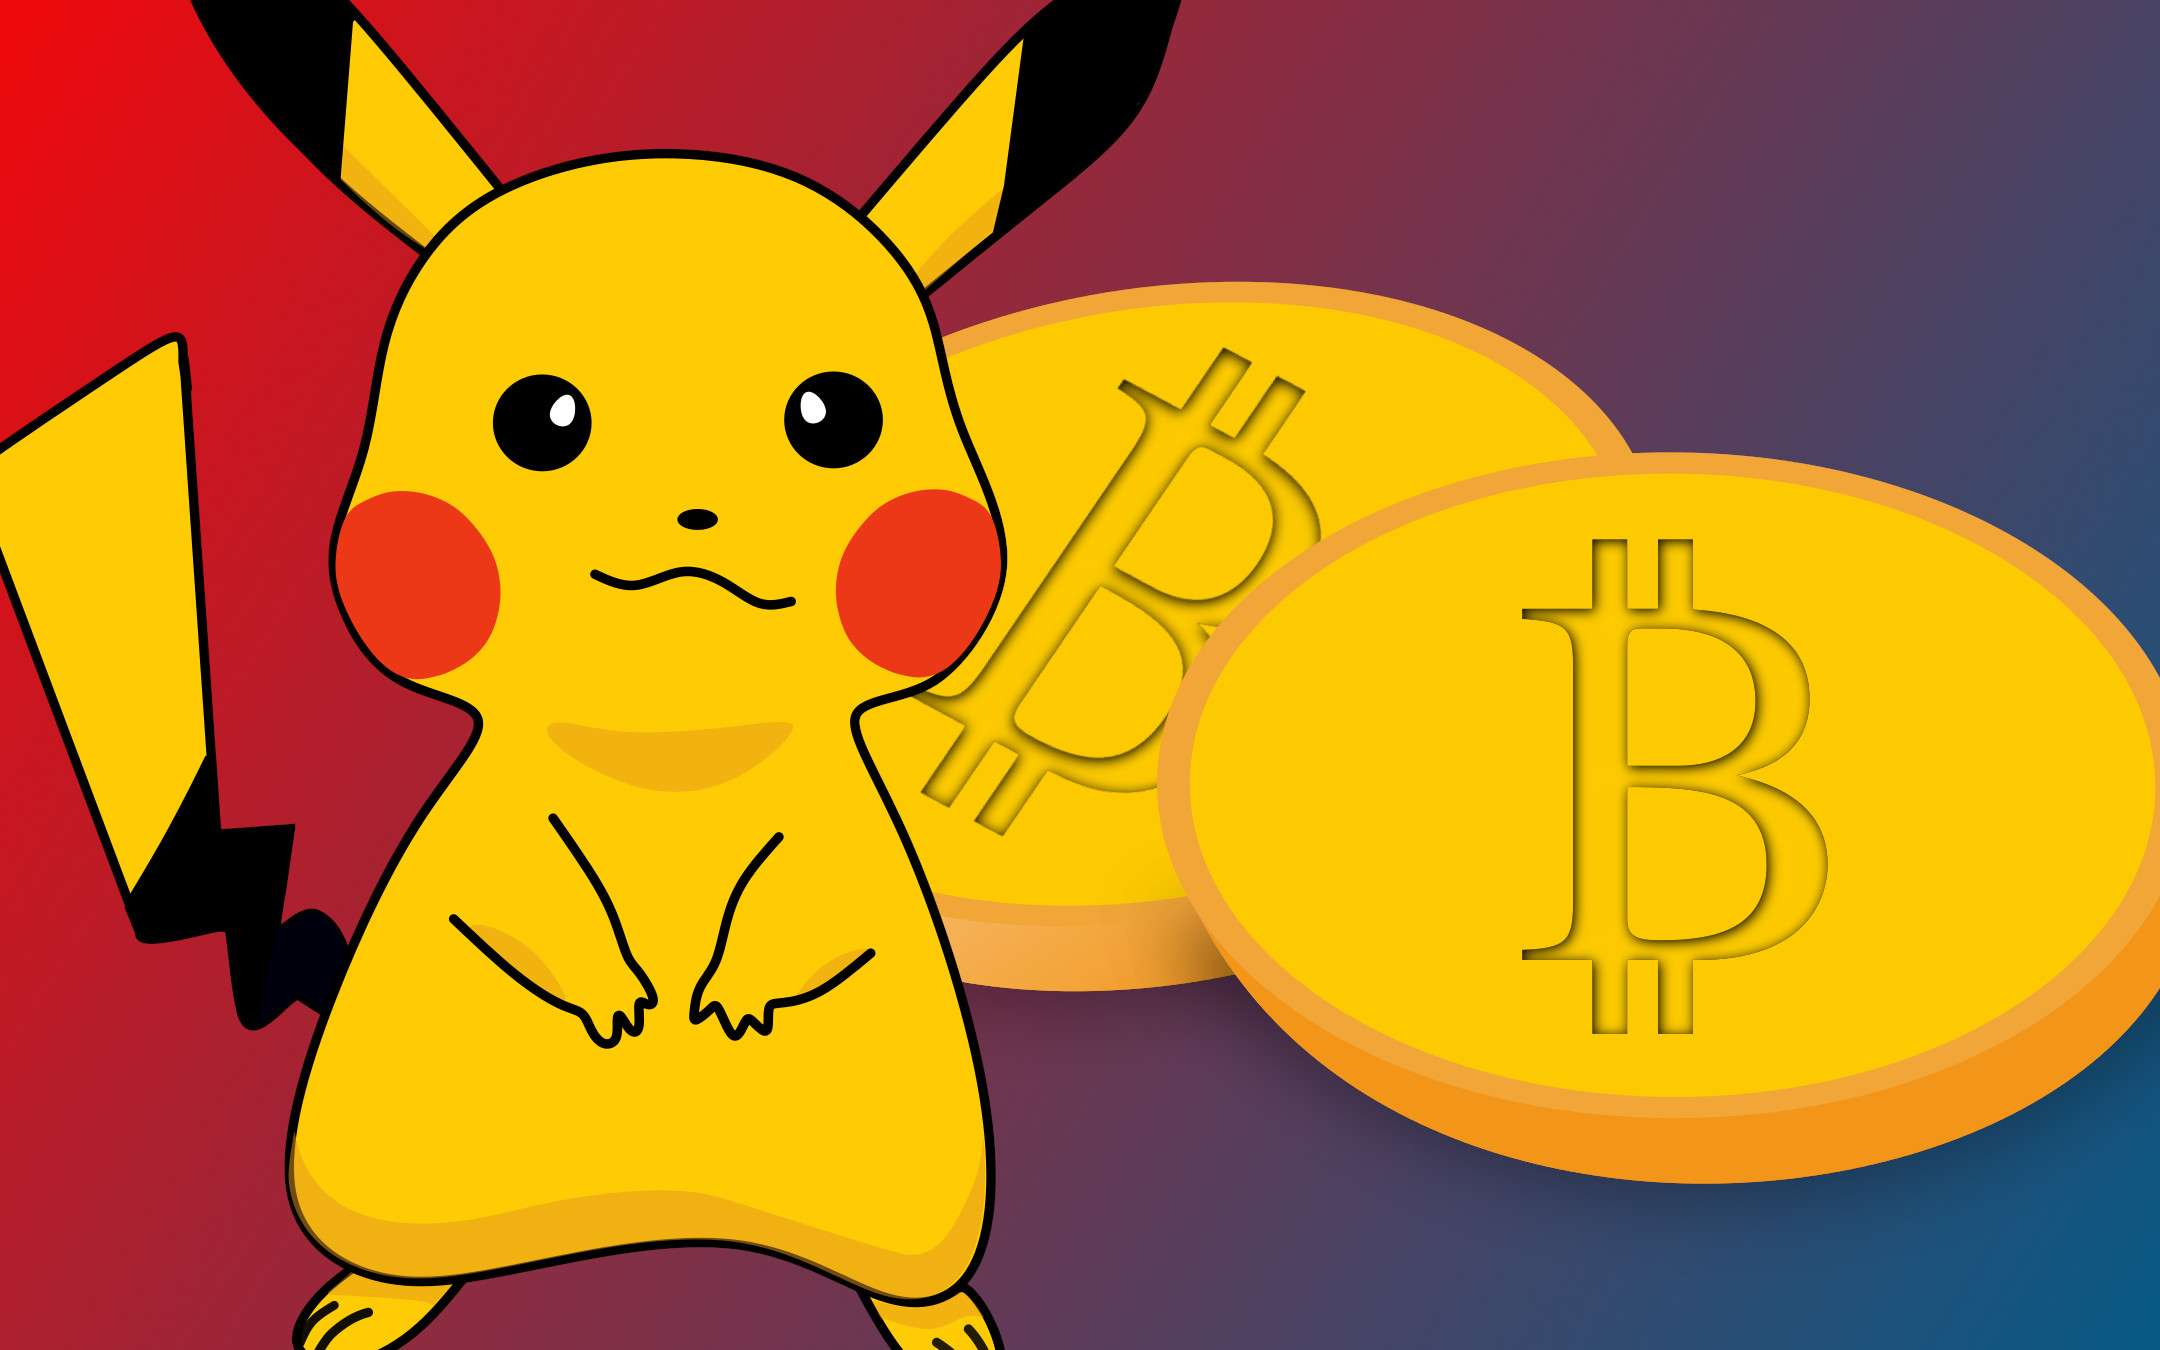 Puoi scambiare mezzo bitcoin